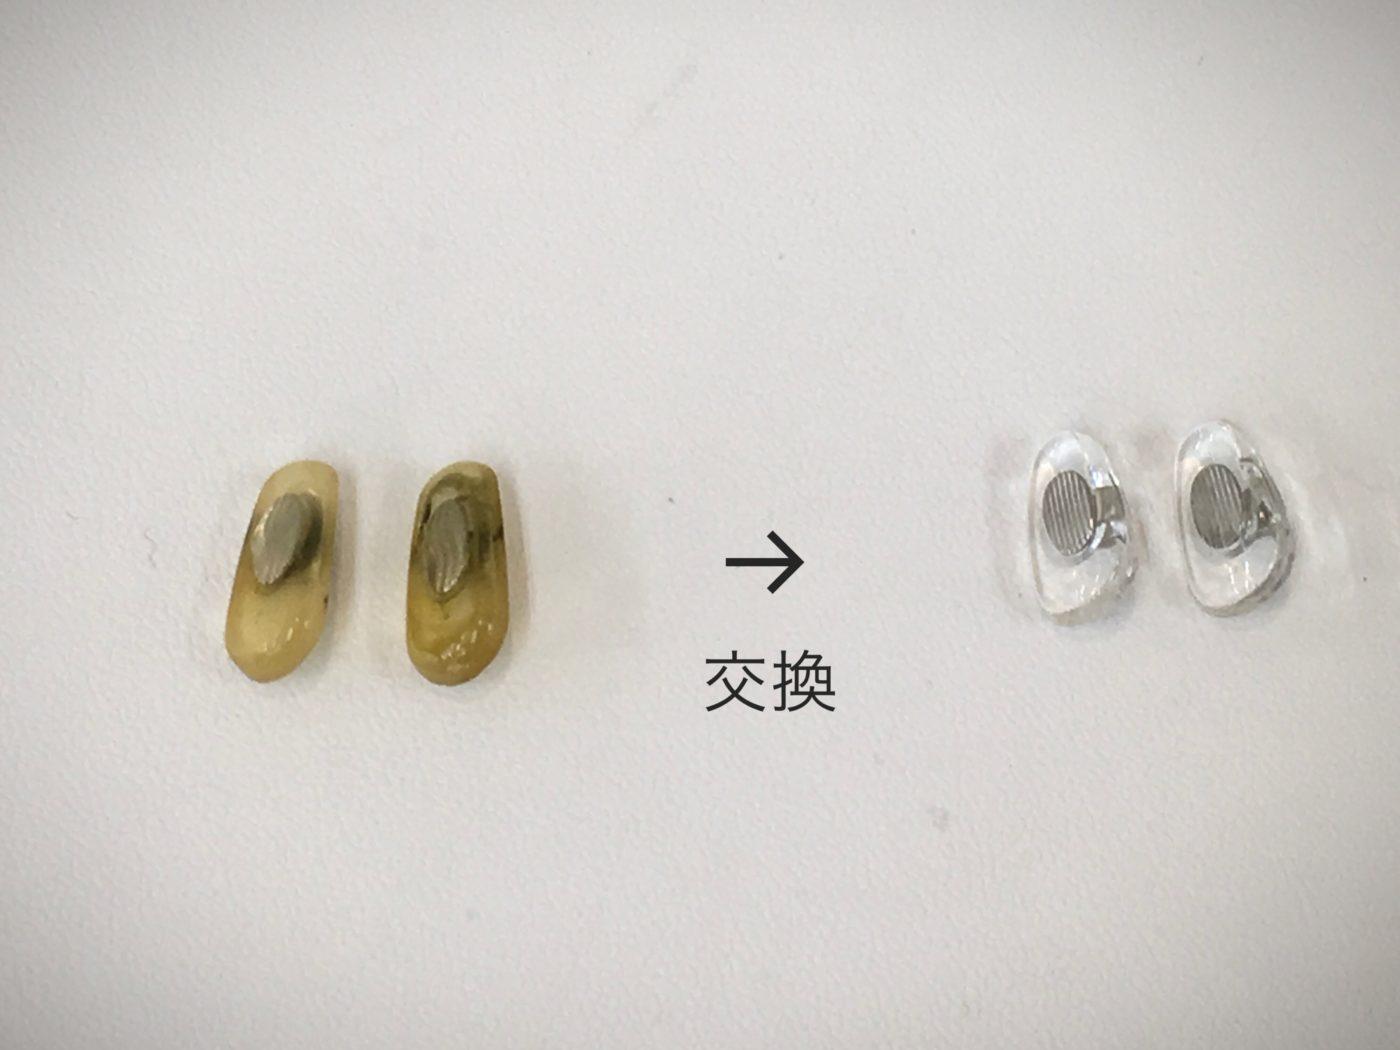 鼻あて 鼻パッド 眼鏡 修理 山梨県